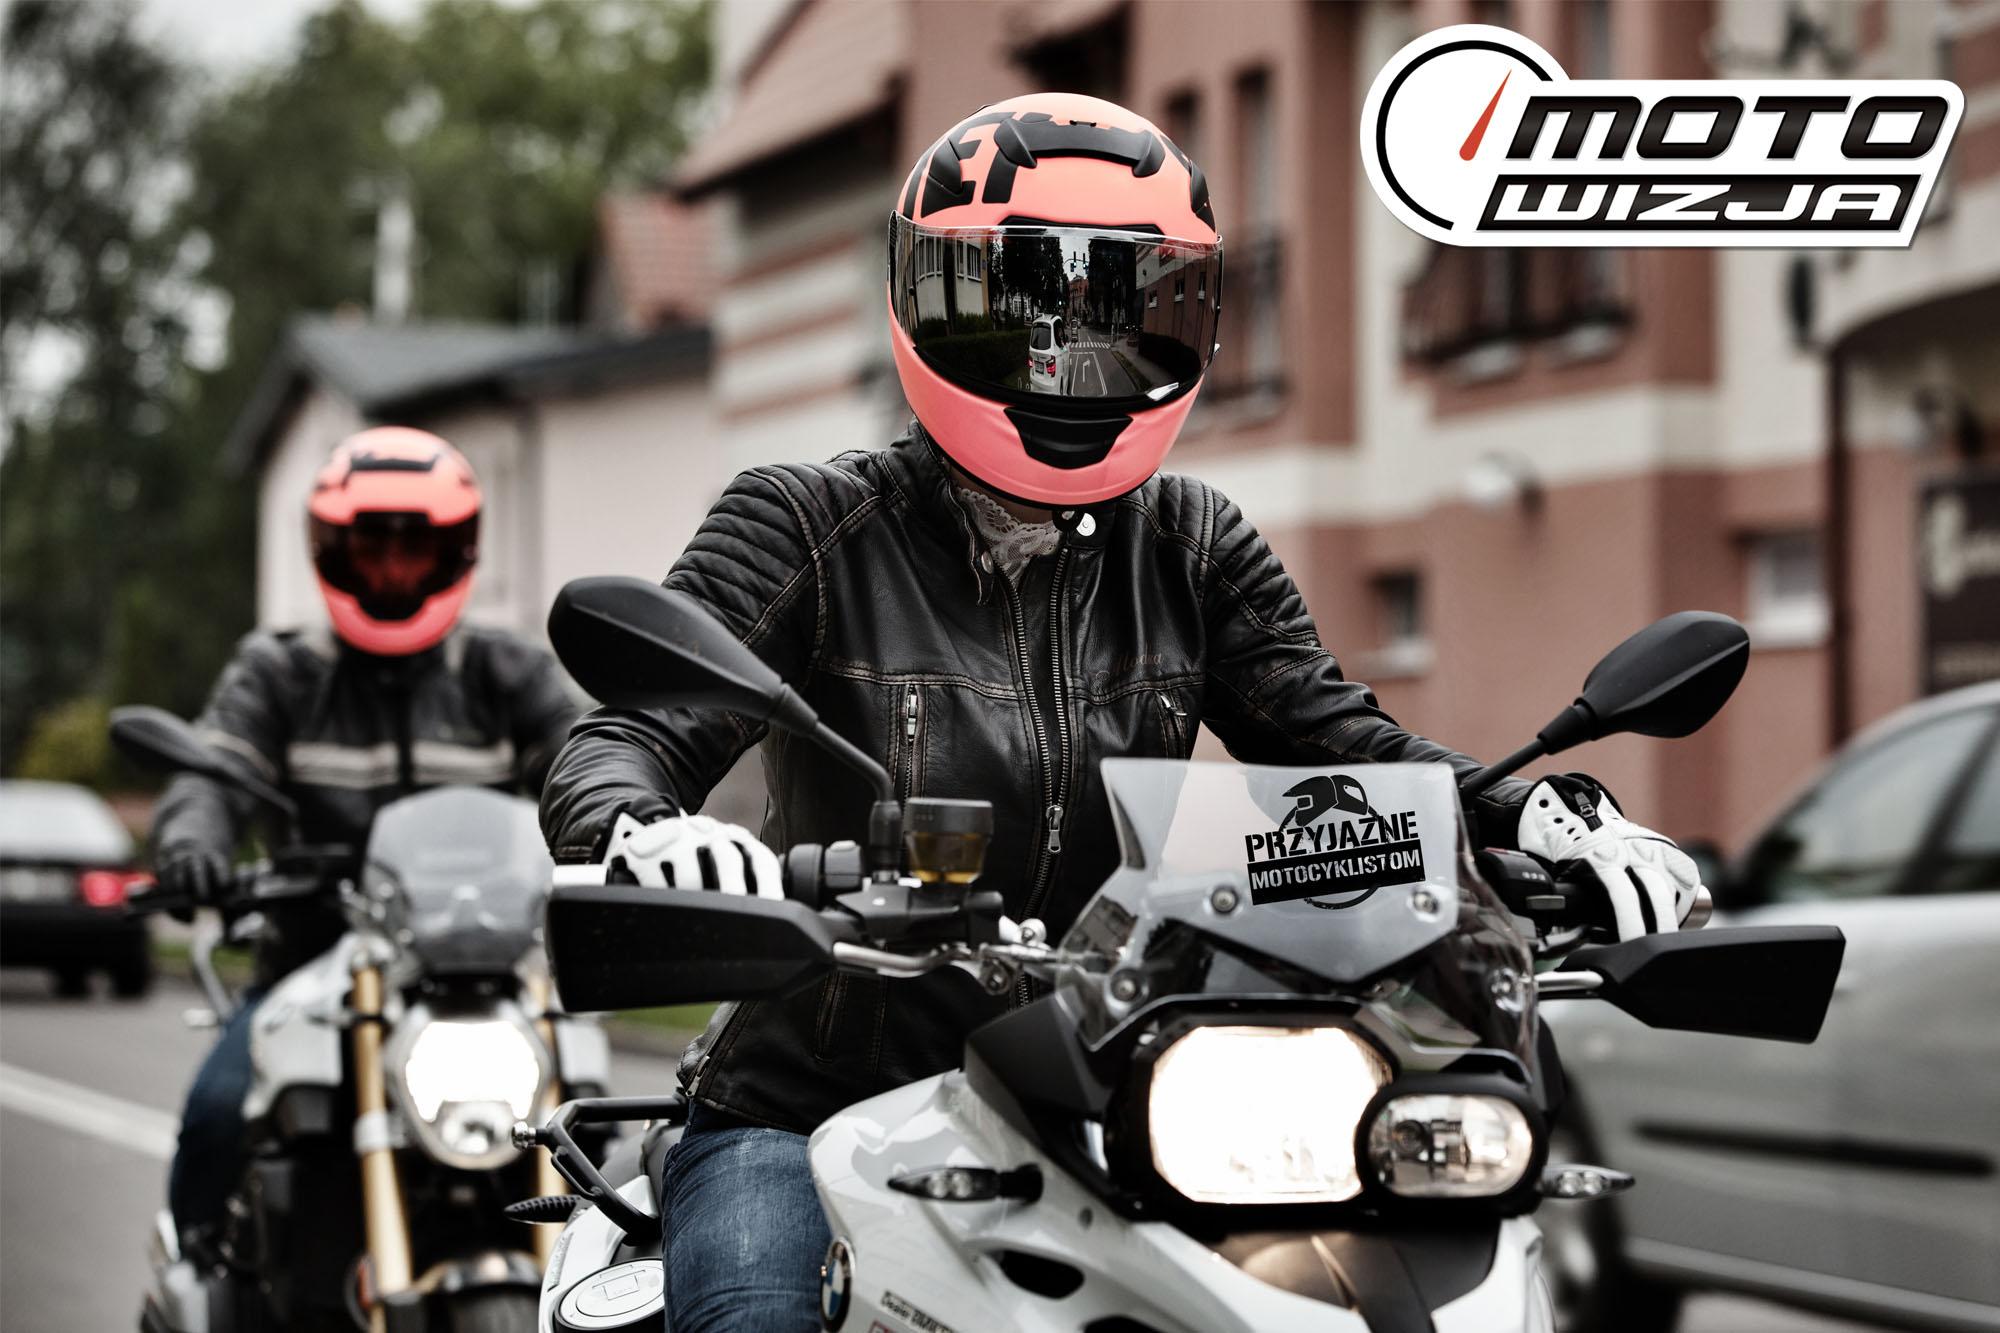 DRUGI SEZON PRZYJAZNE MOTOCYKLISTOM – TYLKO  W MOTOWIZJI